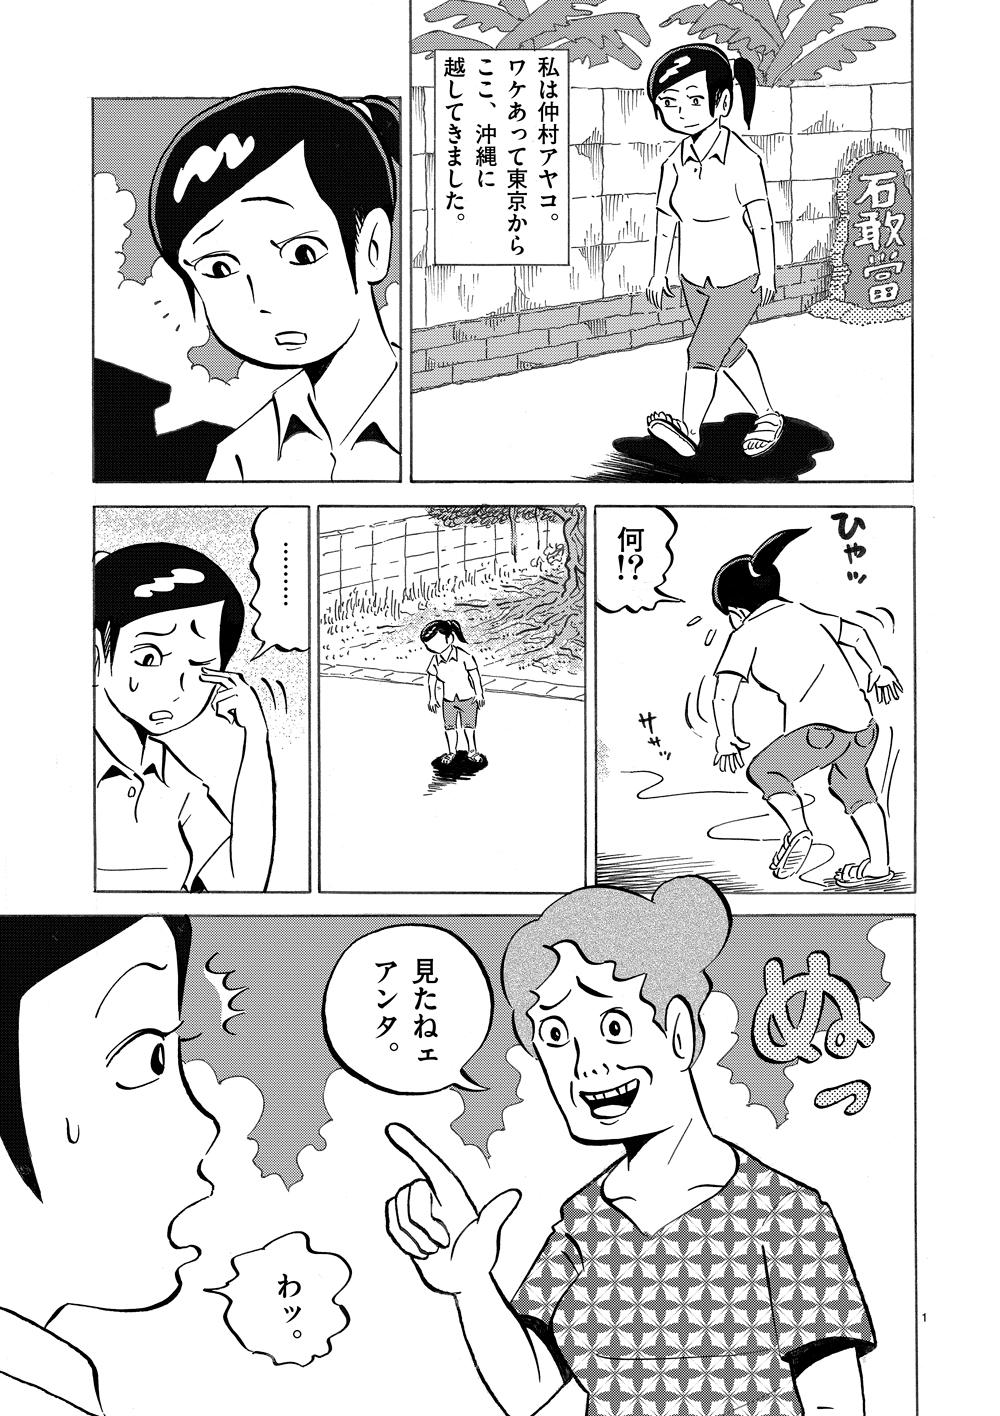 琉球怪談 【第1話】WEB掲載1ページ目画像